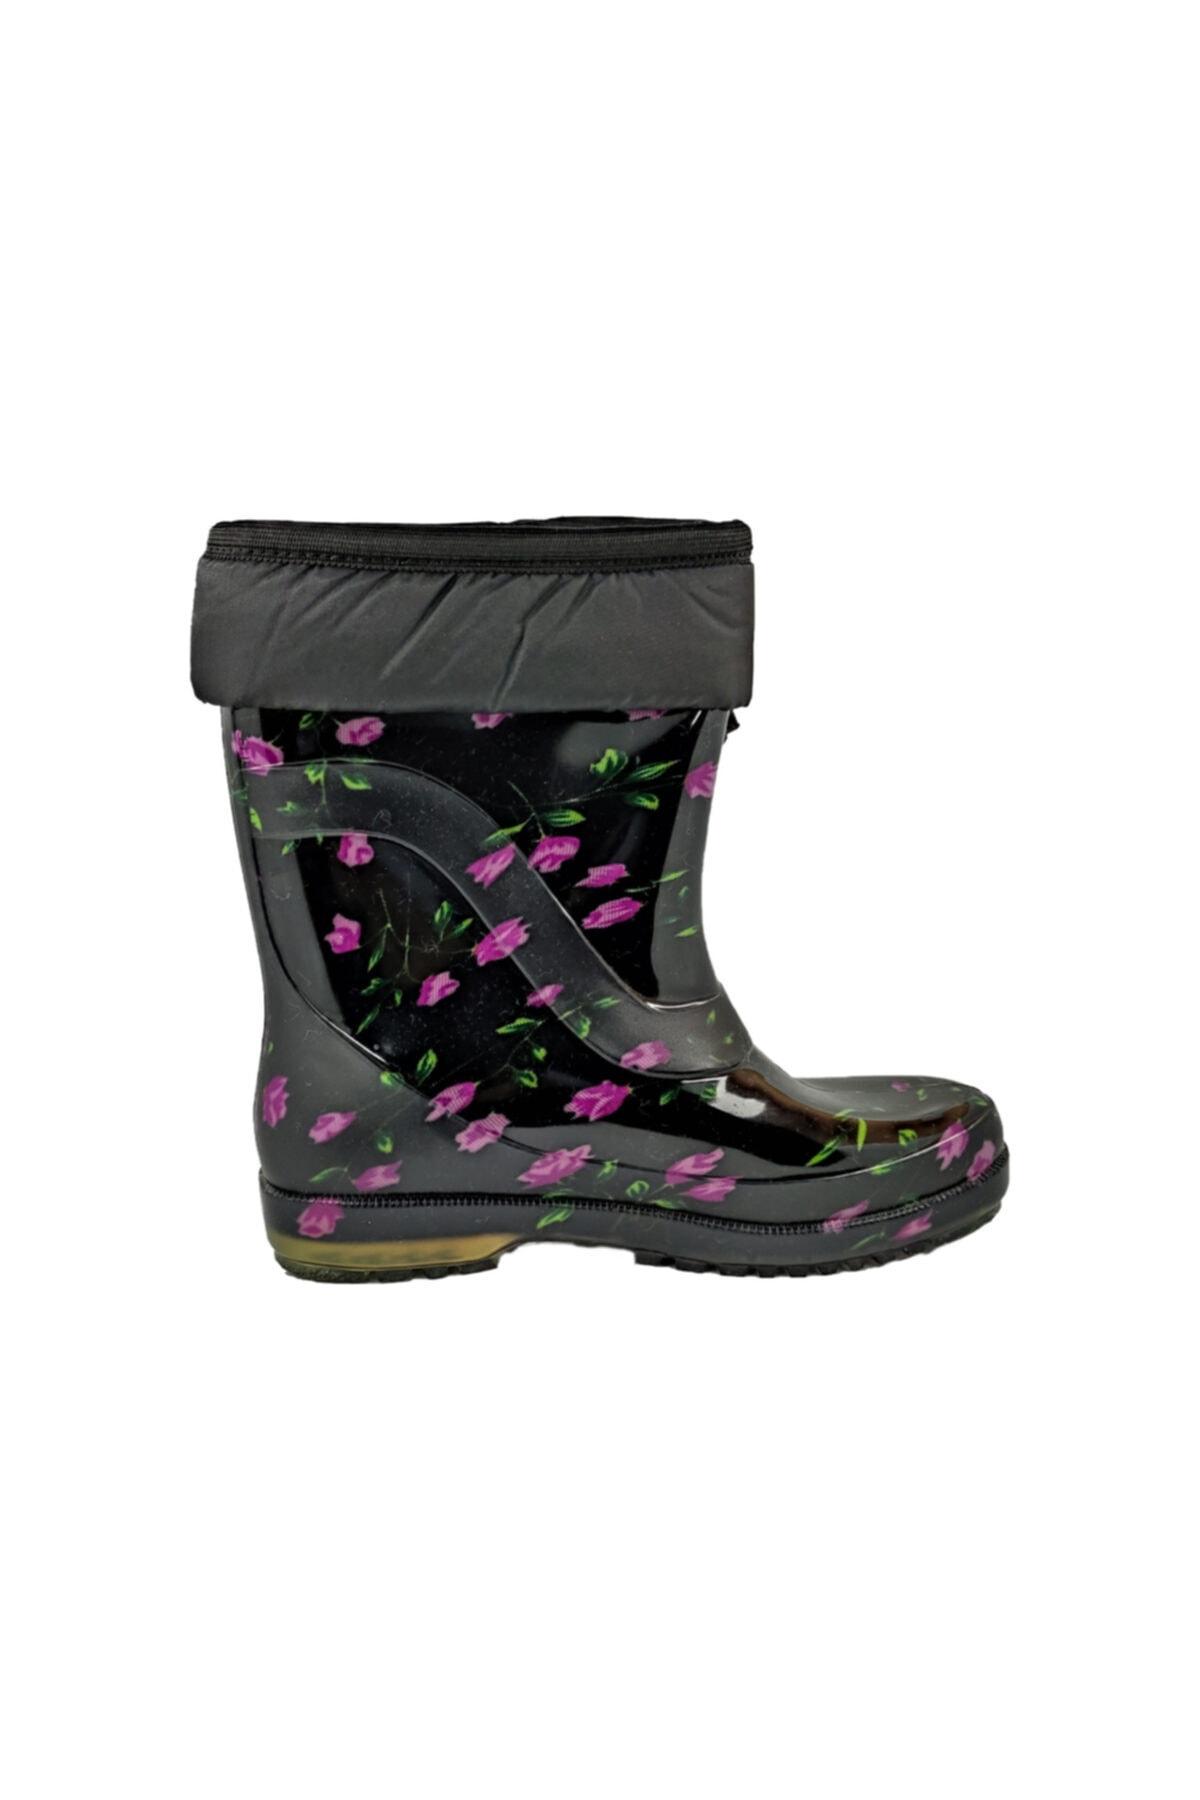 fafatara Mor Çiçekli Yünlü Çizme Kar & Yağmur Çizmesi 1